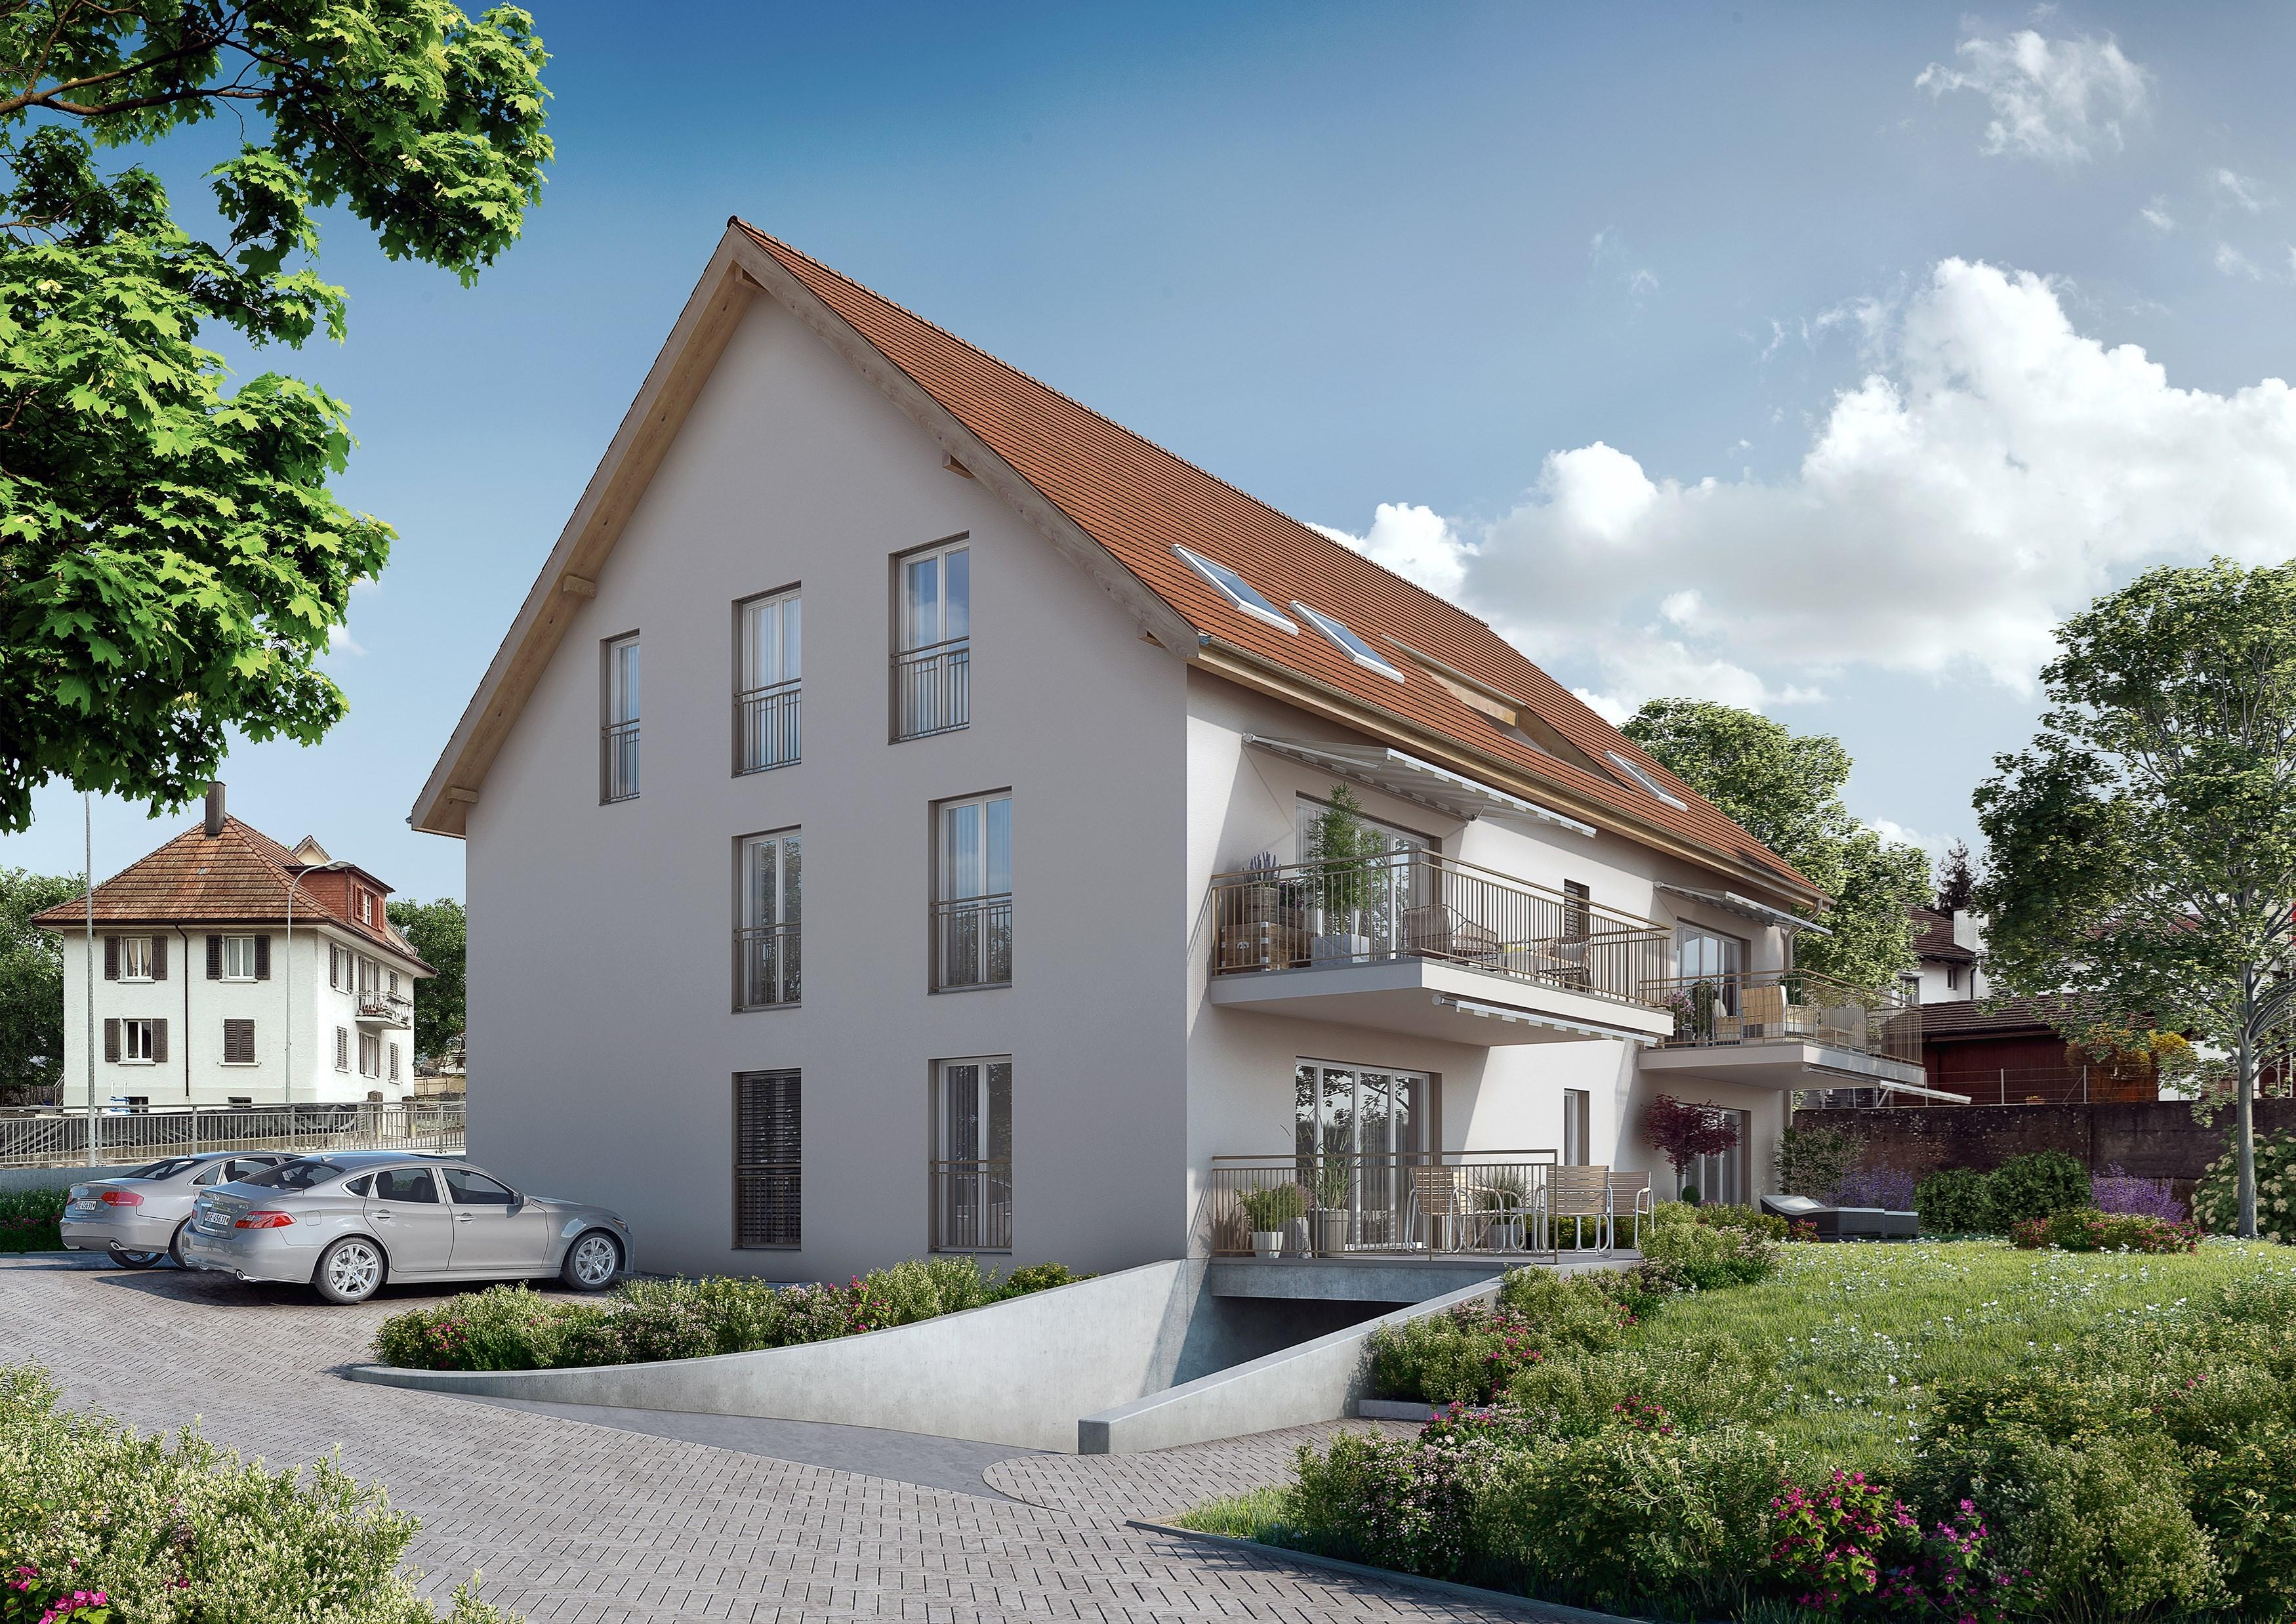 zu verkaufen 3 zi wohnung in gretzenbach nabhome ch. Black Bedroom Furniture Sets. Home Design Ideas